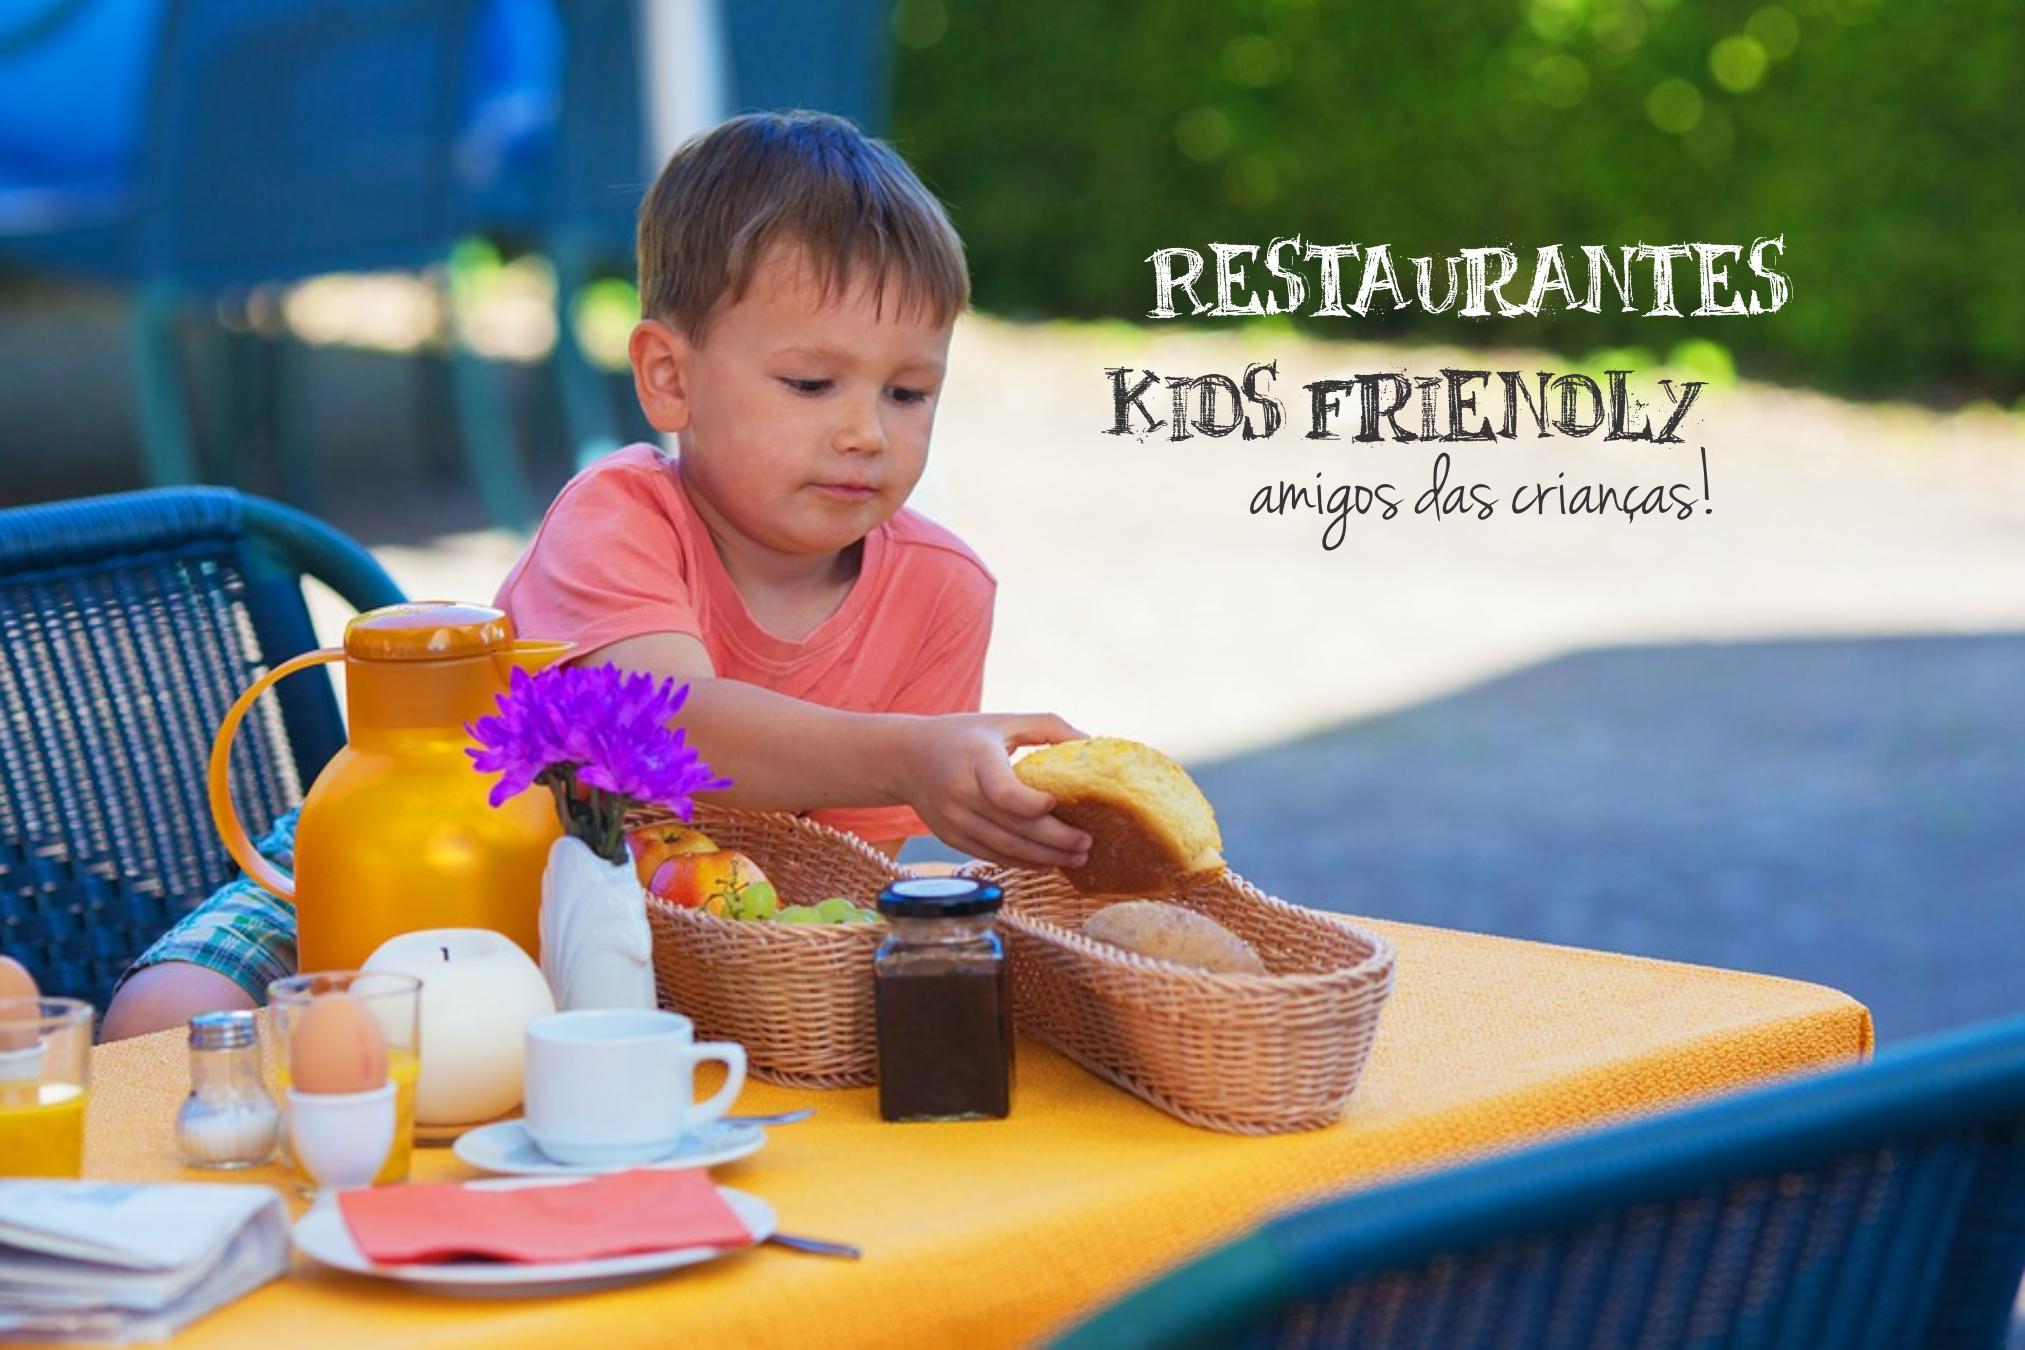 restaurante amigo da criança